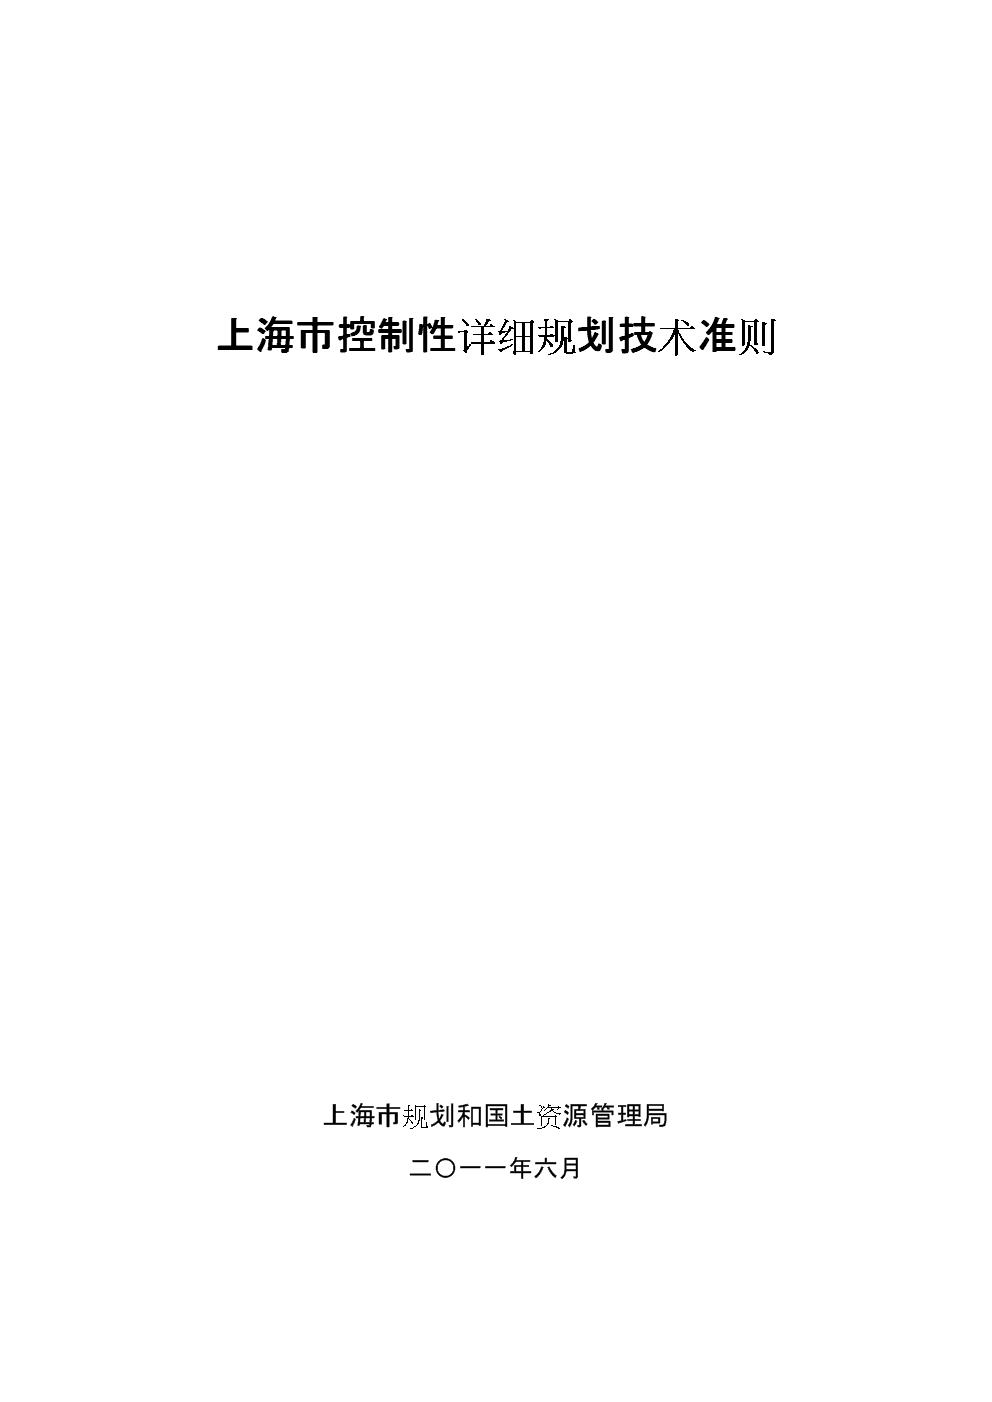 上海市控制性详细规划技术准则-2011.06.doc